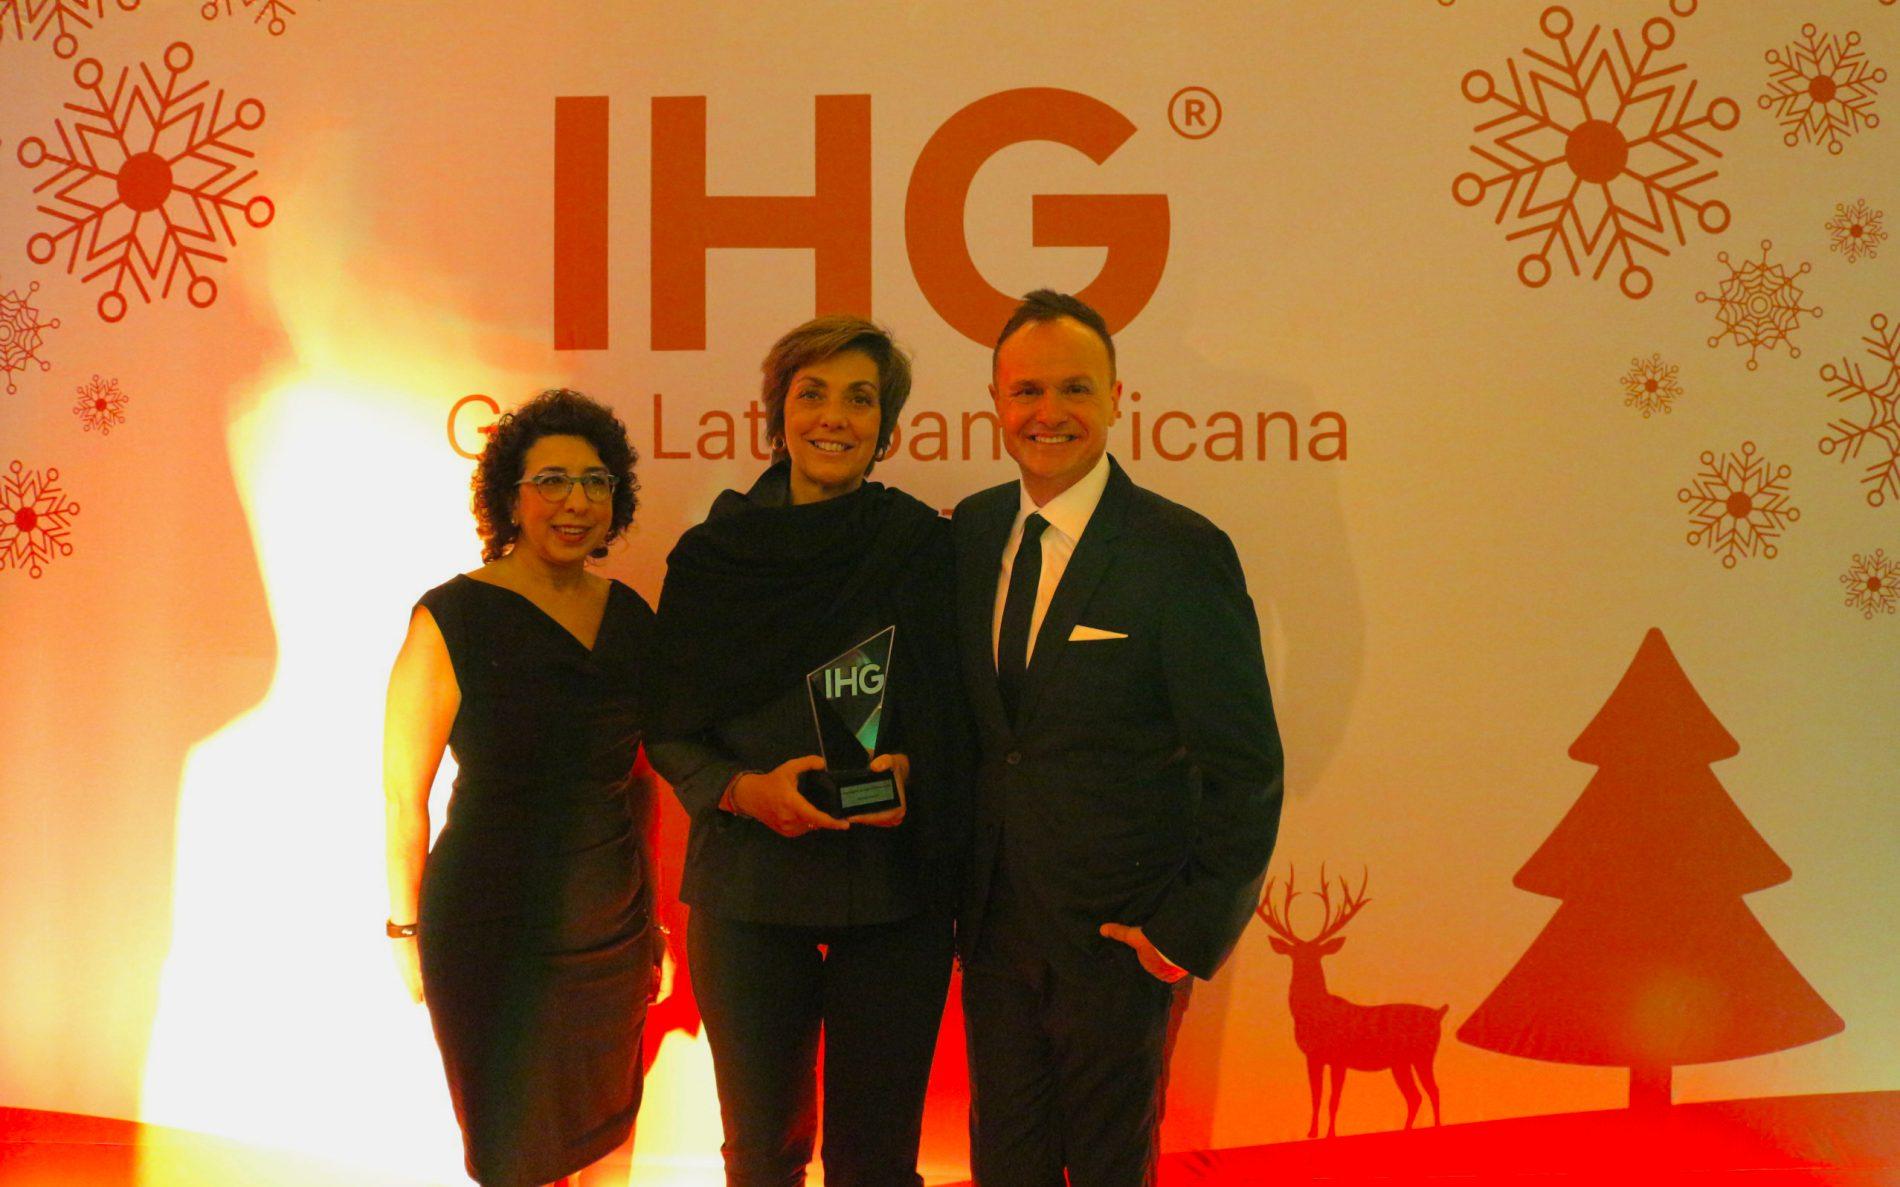 Travel3 recebeu o prêmio IHG